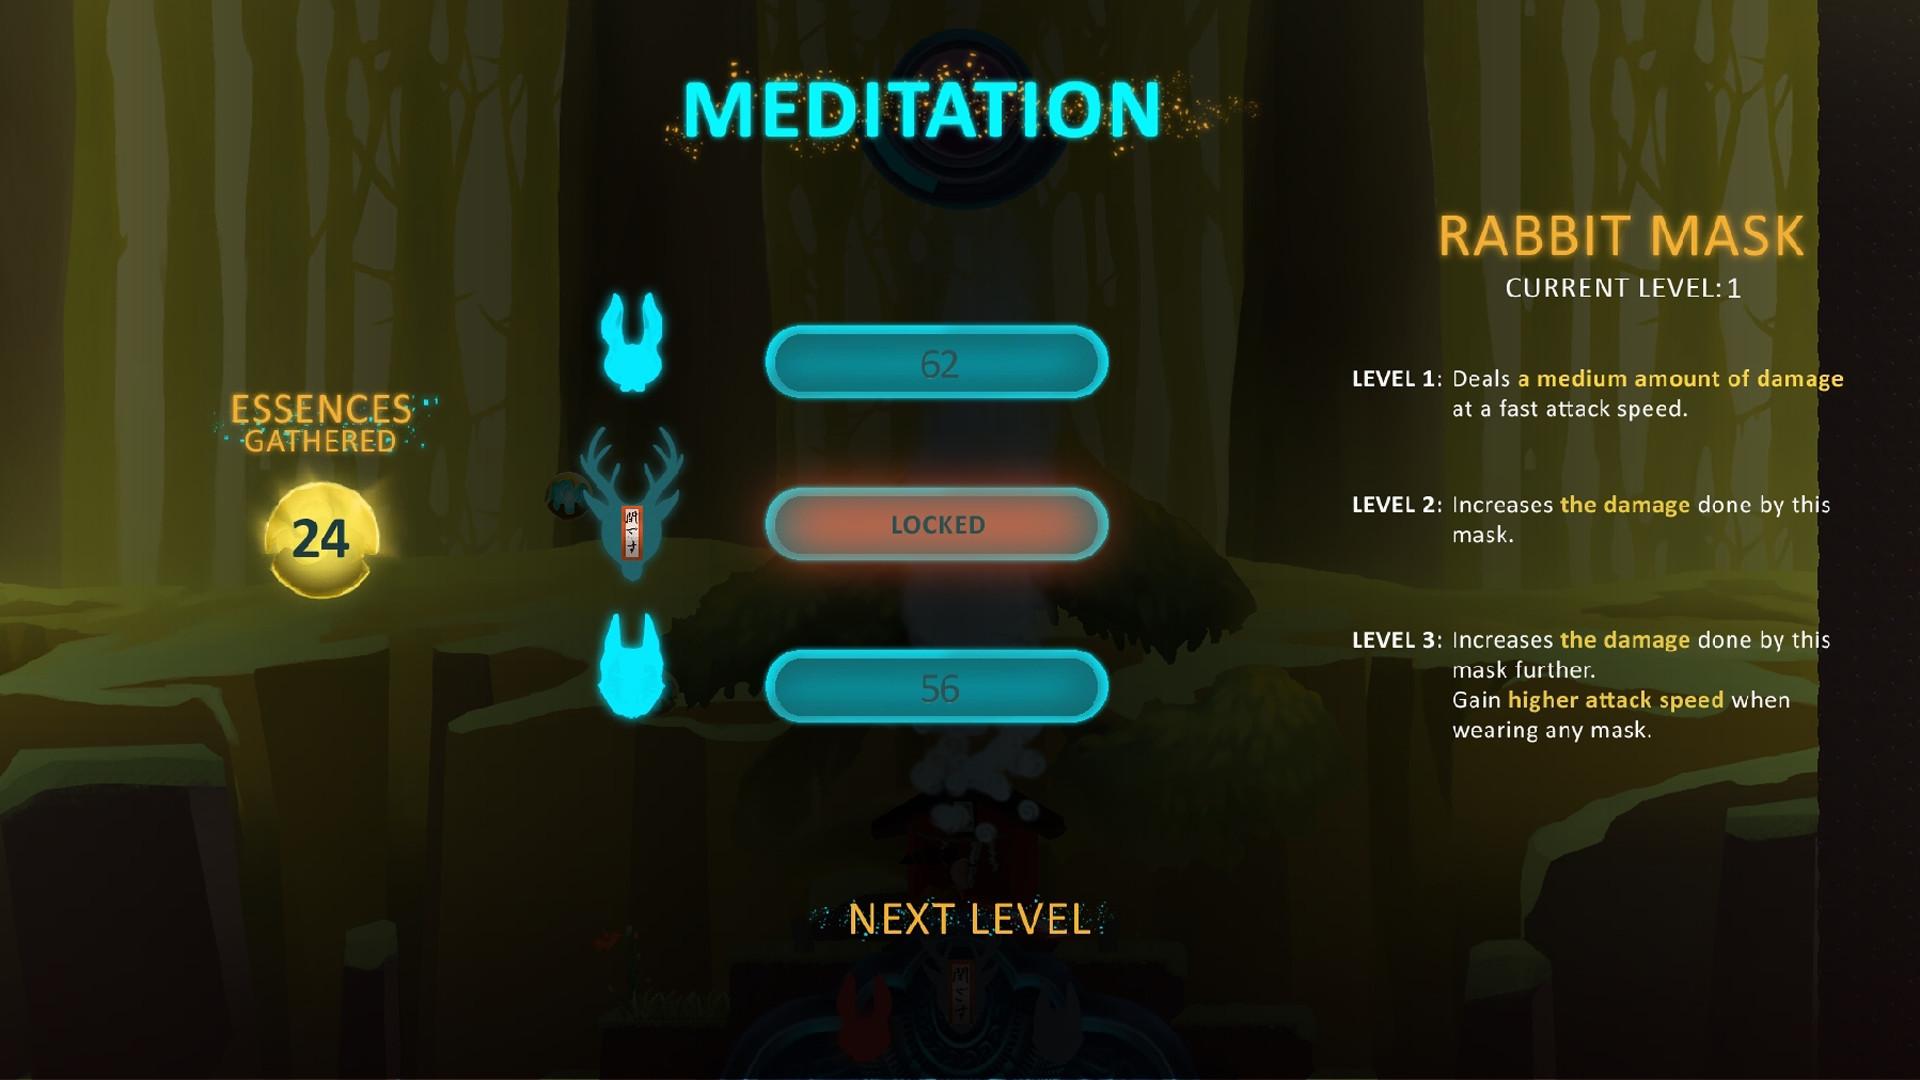 Simon alenius meditation